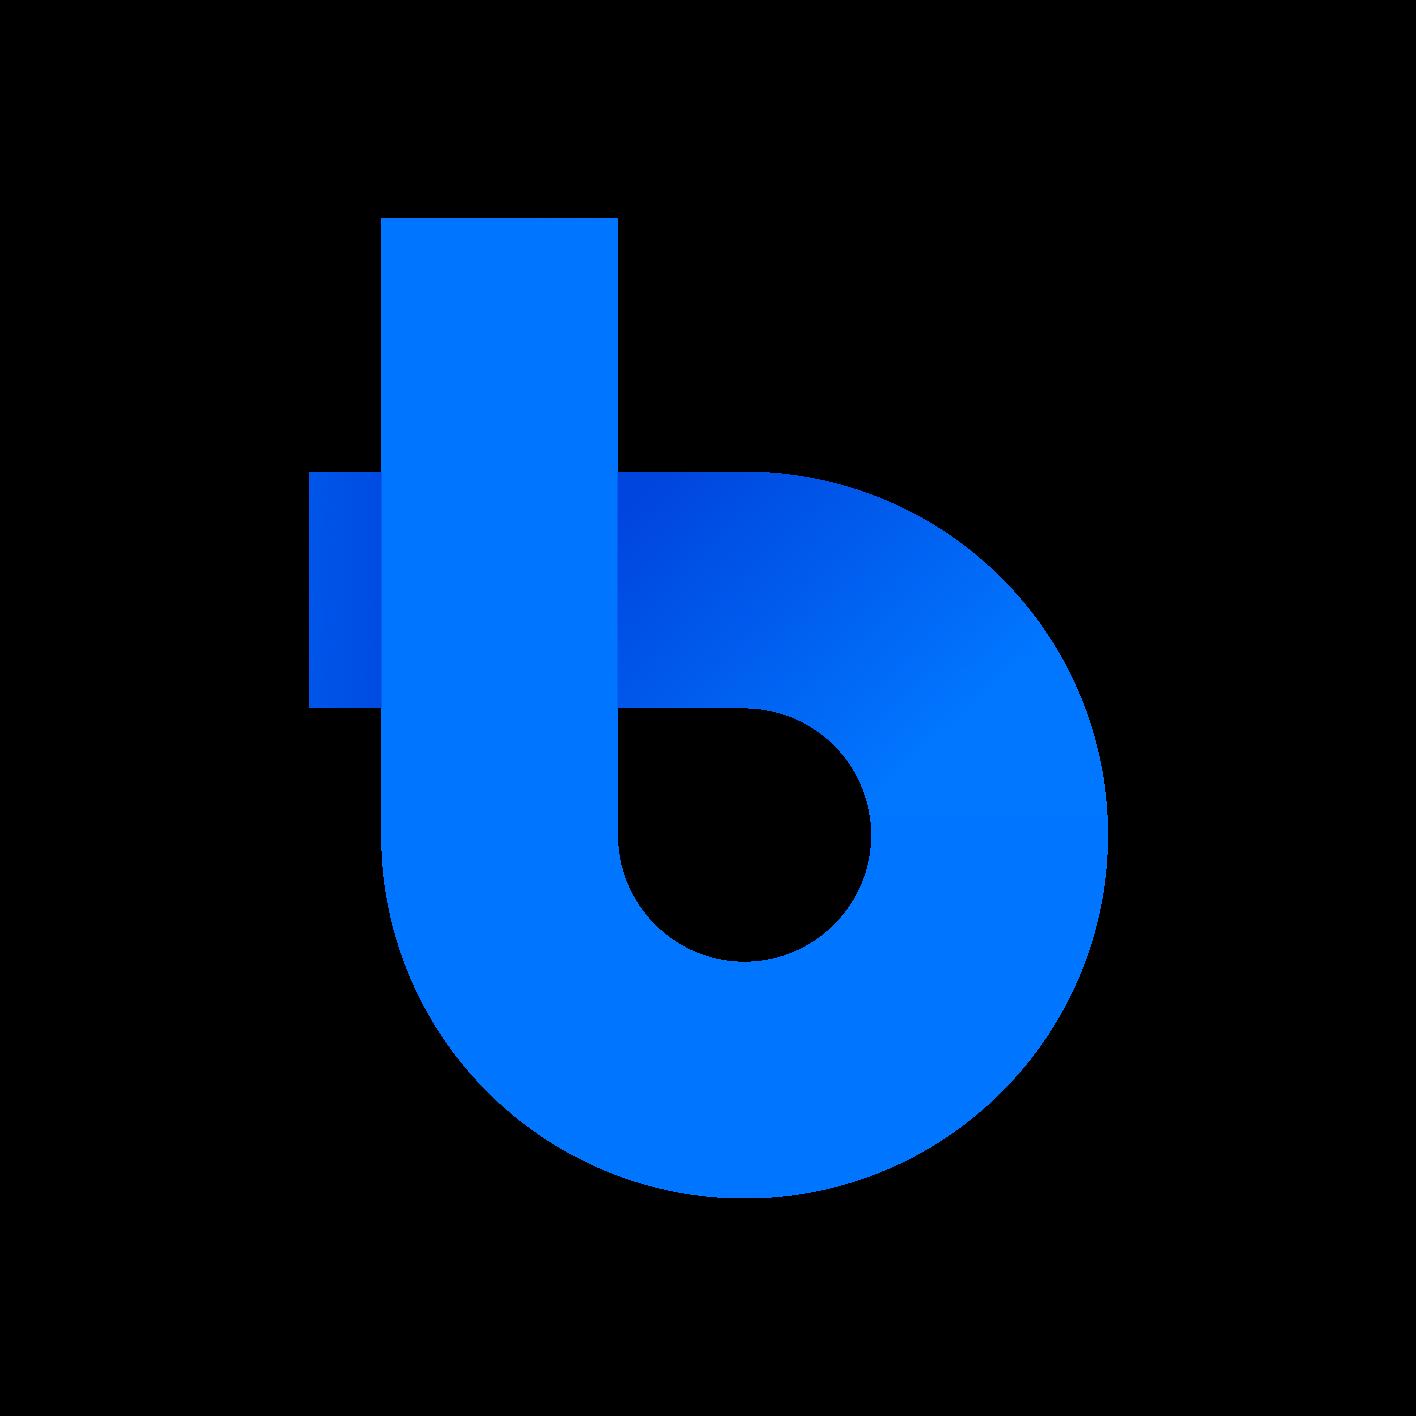 Billflow logo